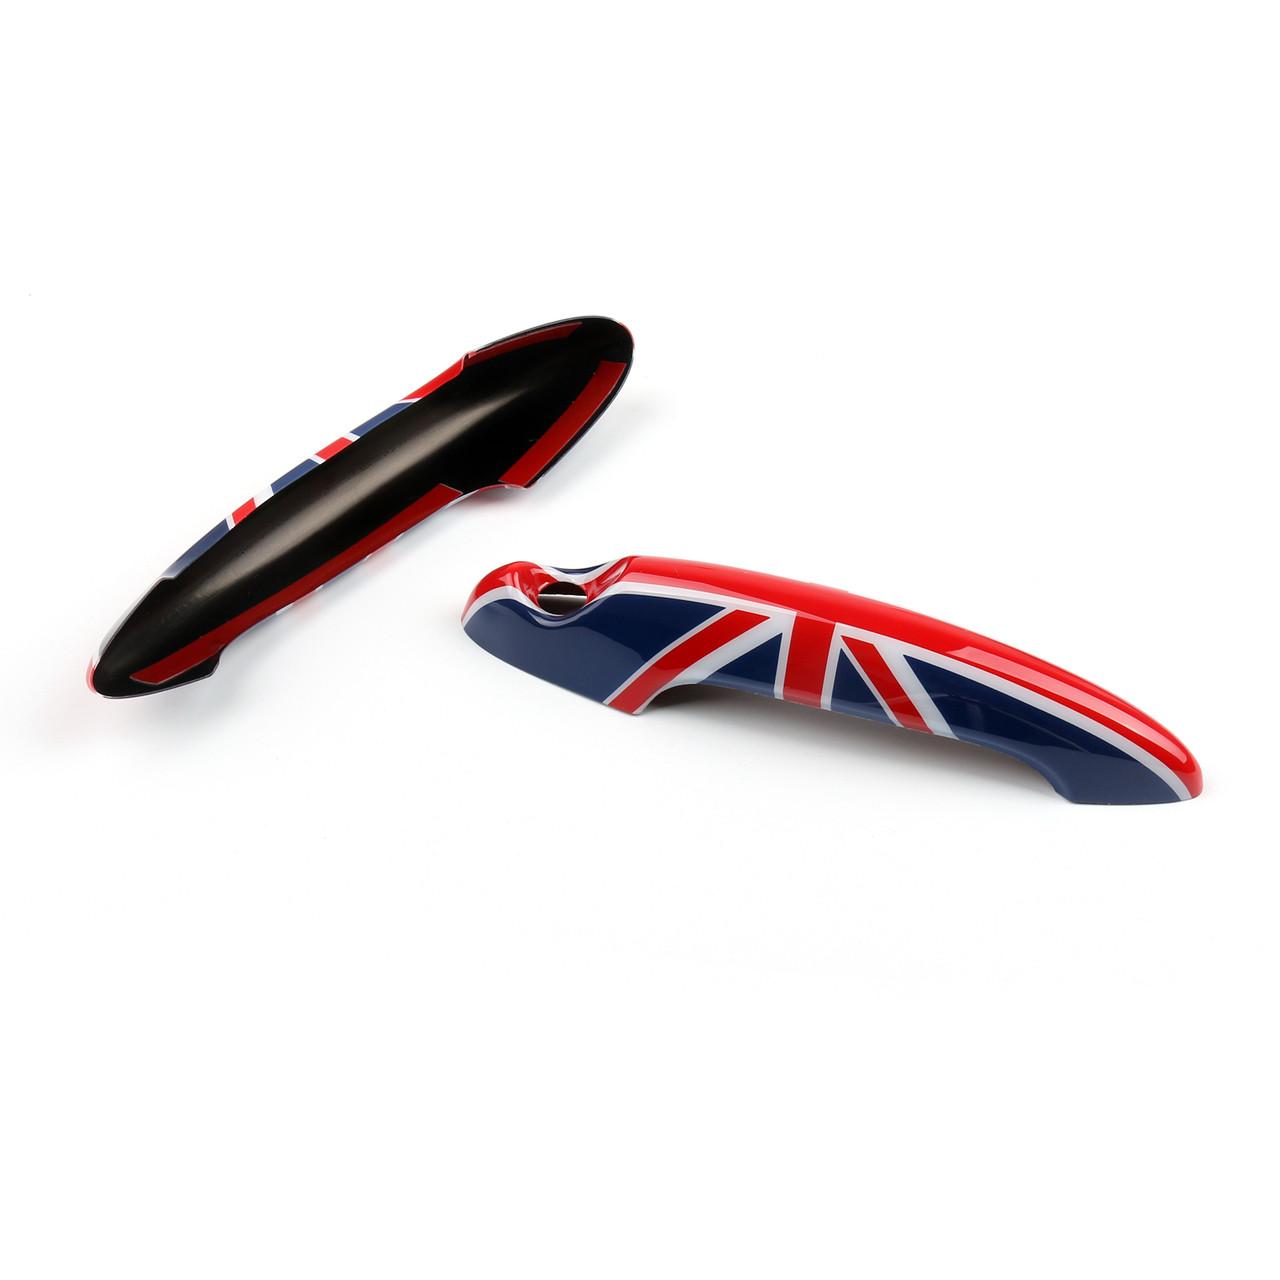 Union Jack UK Flag Design Door Handle Cover Mini Cooper R50 R52 R53 R55 R56